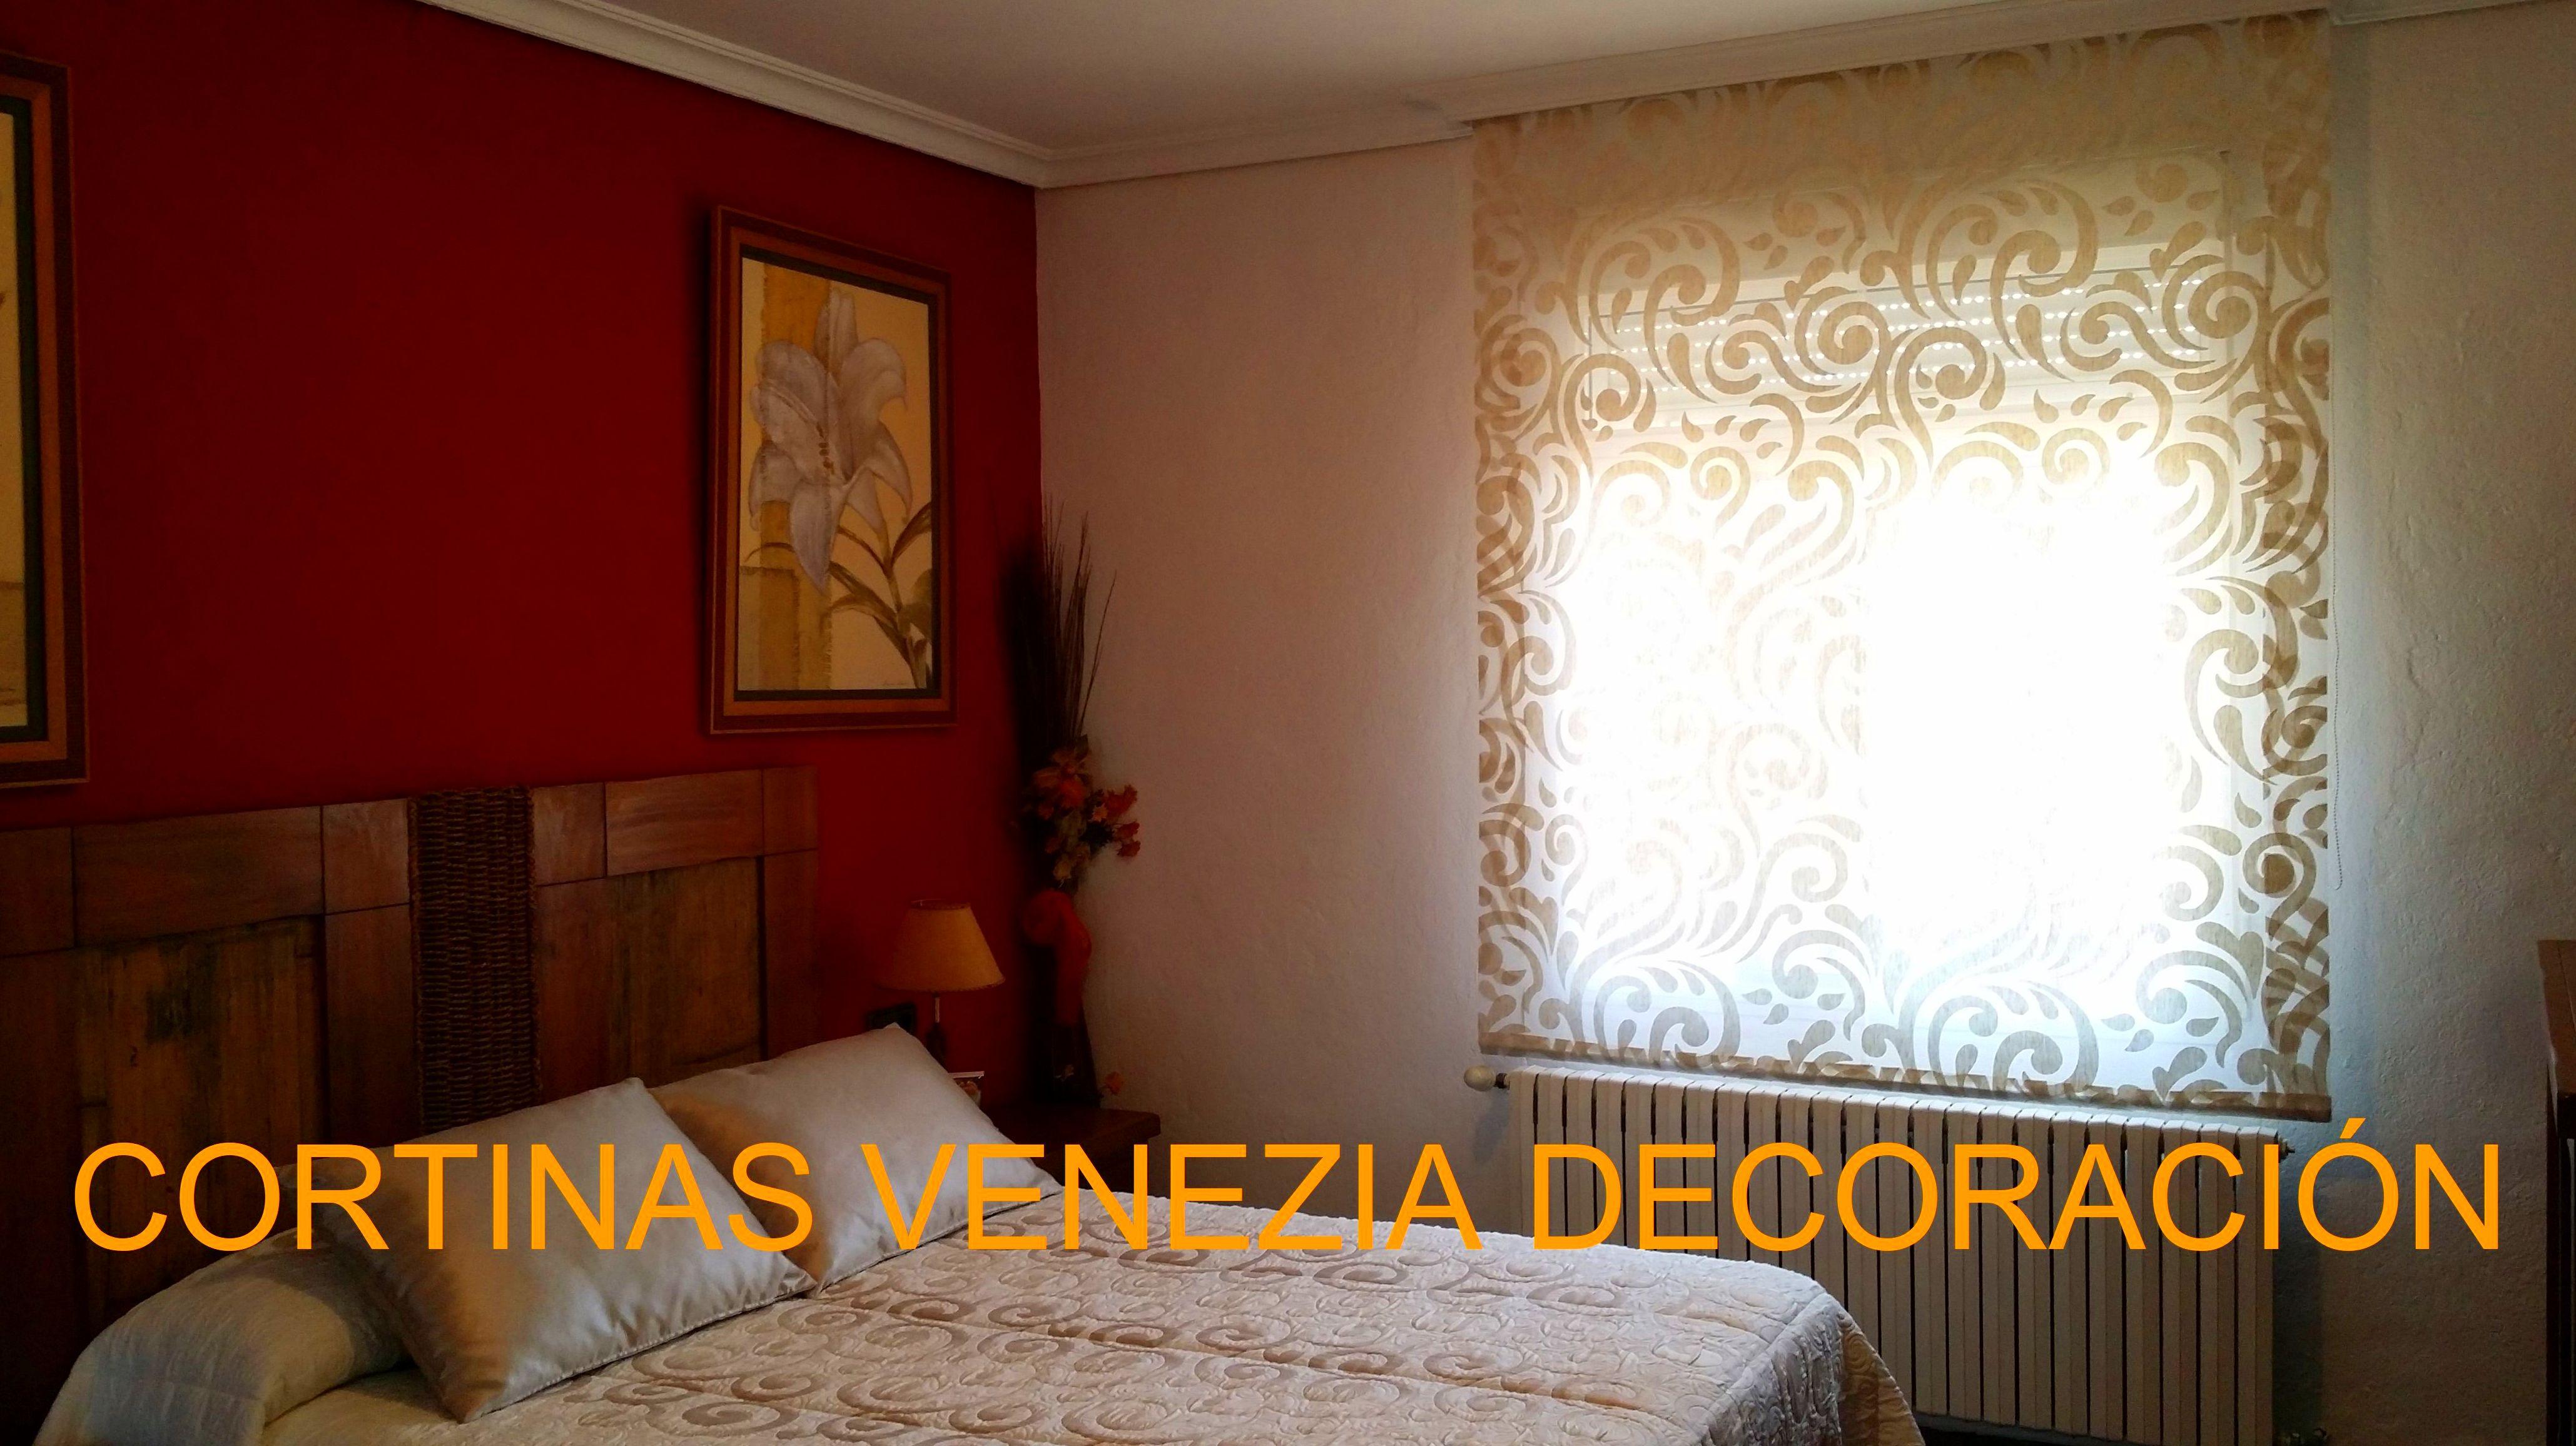 Foto 114 de Cortinas en Albacete | Venezia Decoración